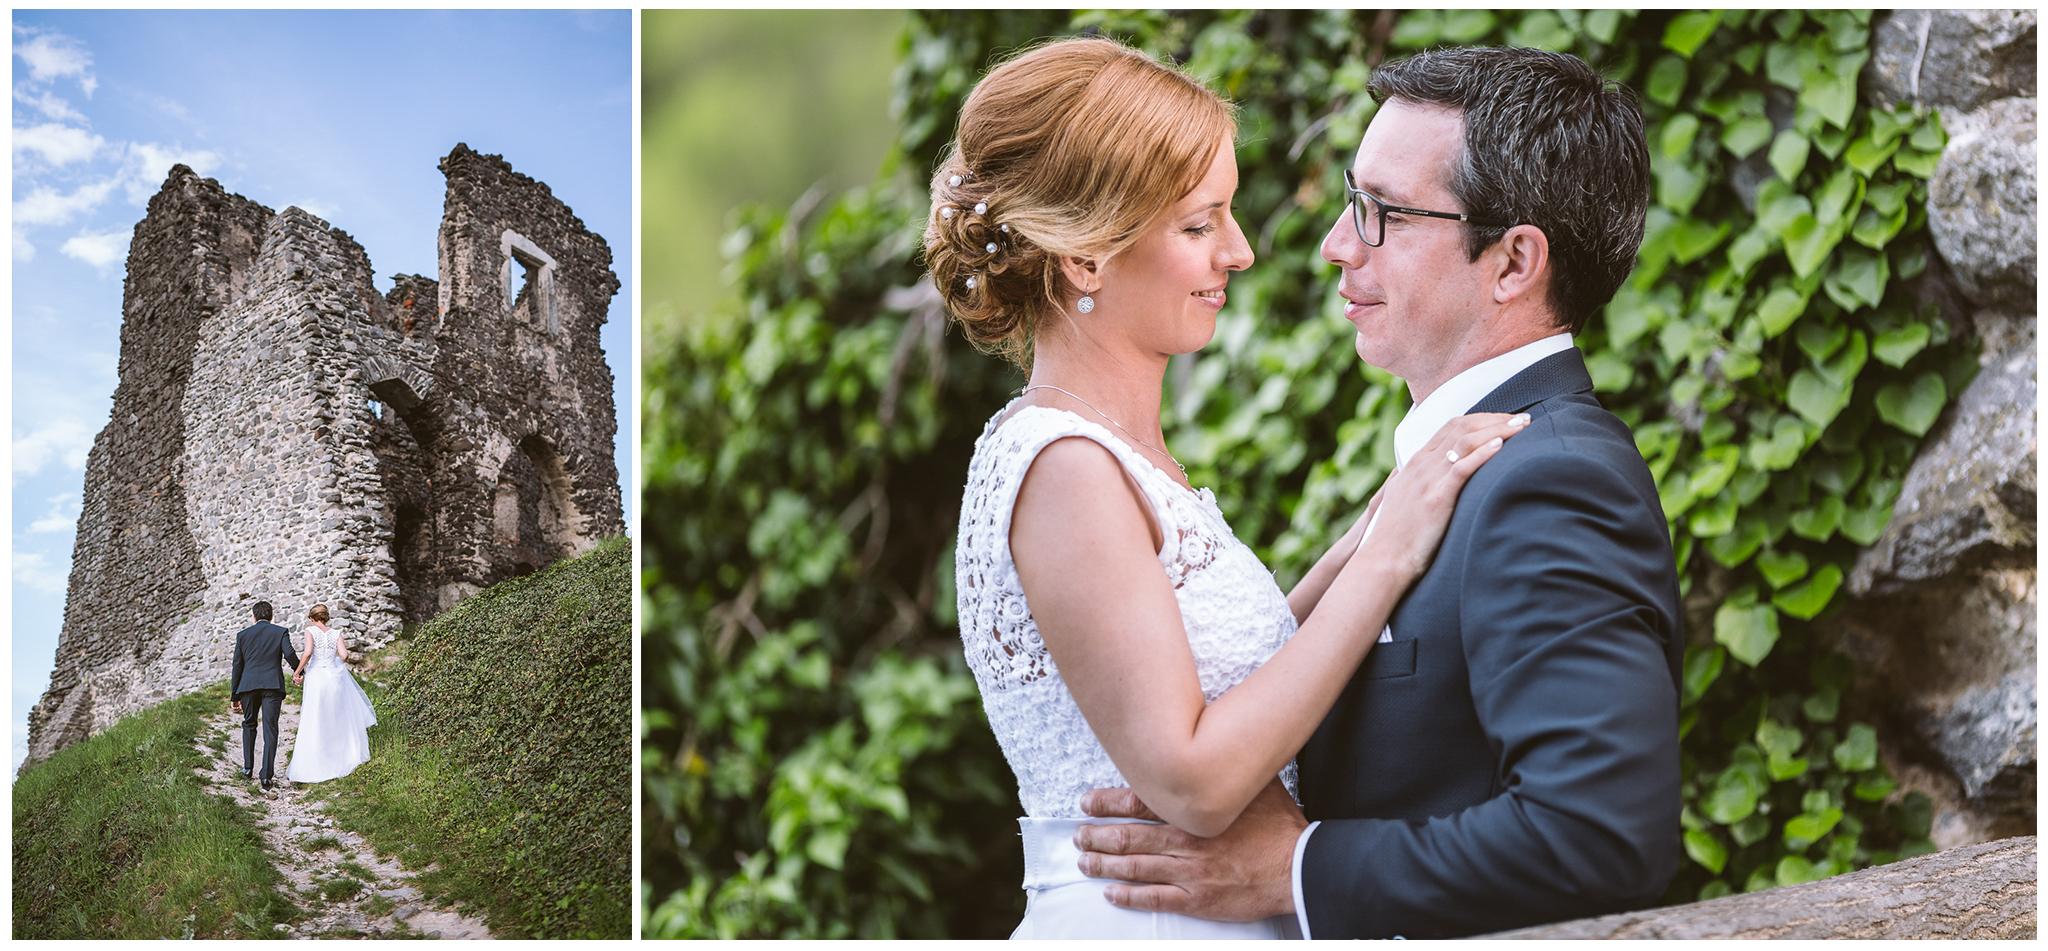 FylepPhoto, esküvőfotós, esküvői fotós Körmend, Szombathely, esküvőfotózás, magyarország, vas megye, prémium, jegyesfotózás, Fülöp Péter, körmend, kreatív, fotográfus_1.jpg